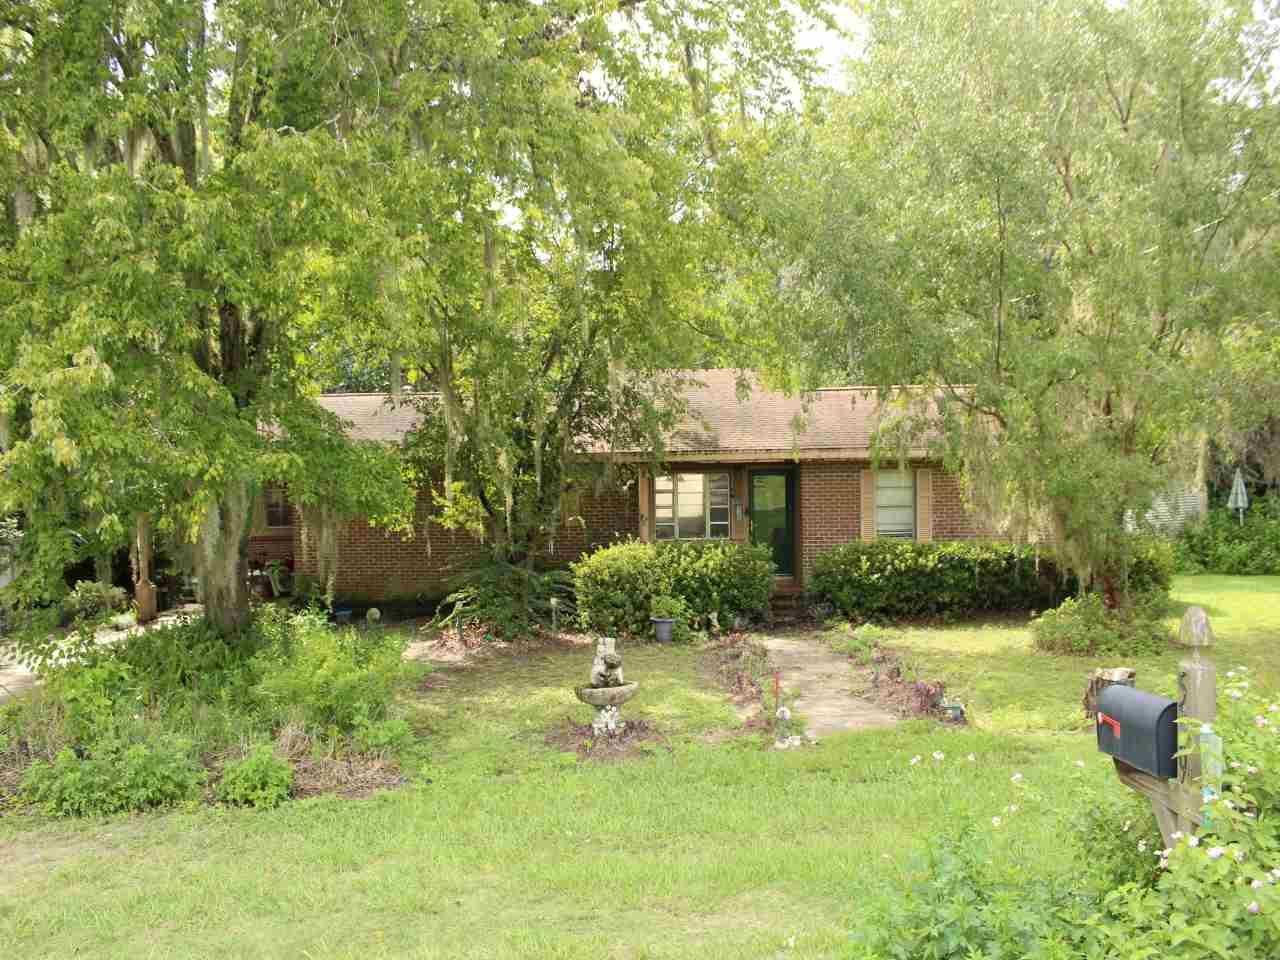 539 NW US 221, Greenville, FL 32331 - MLS#: 323170